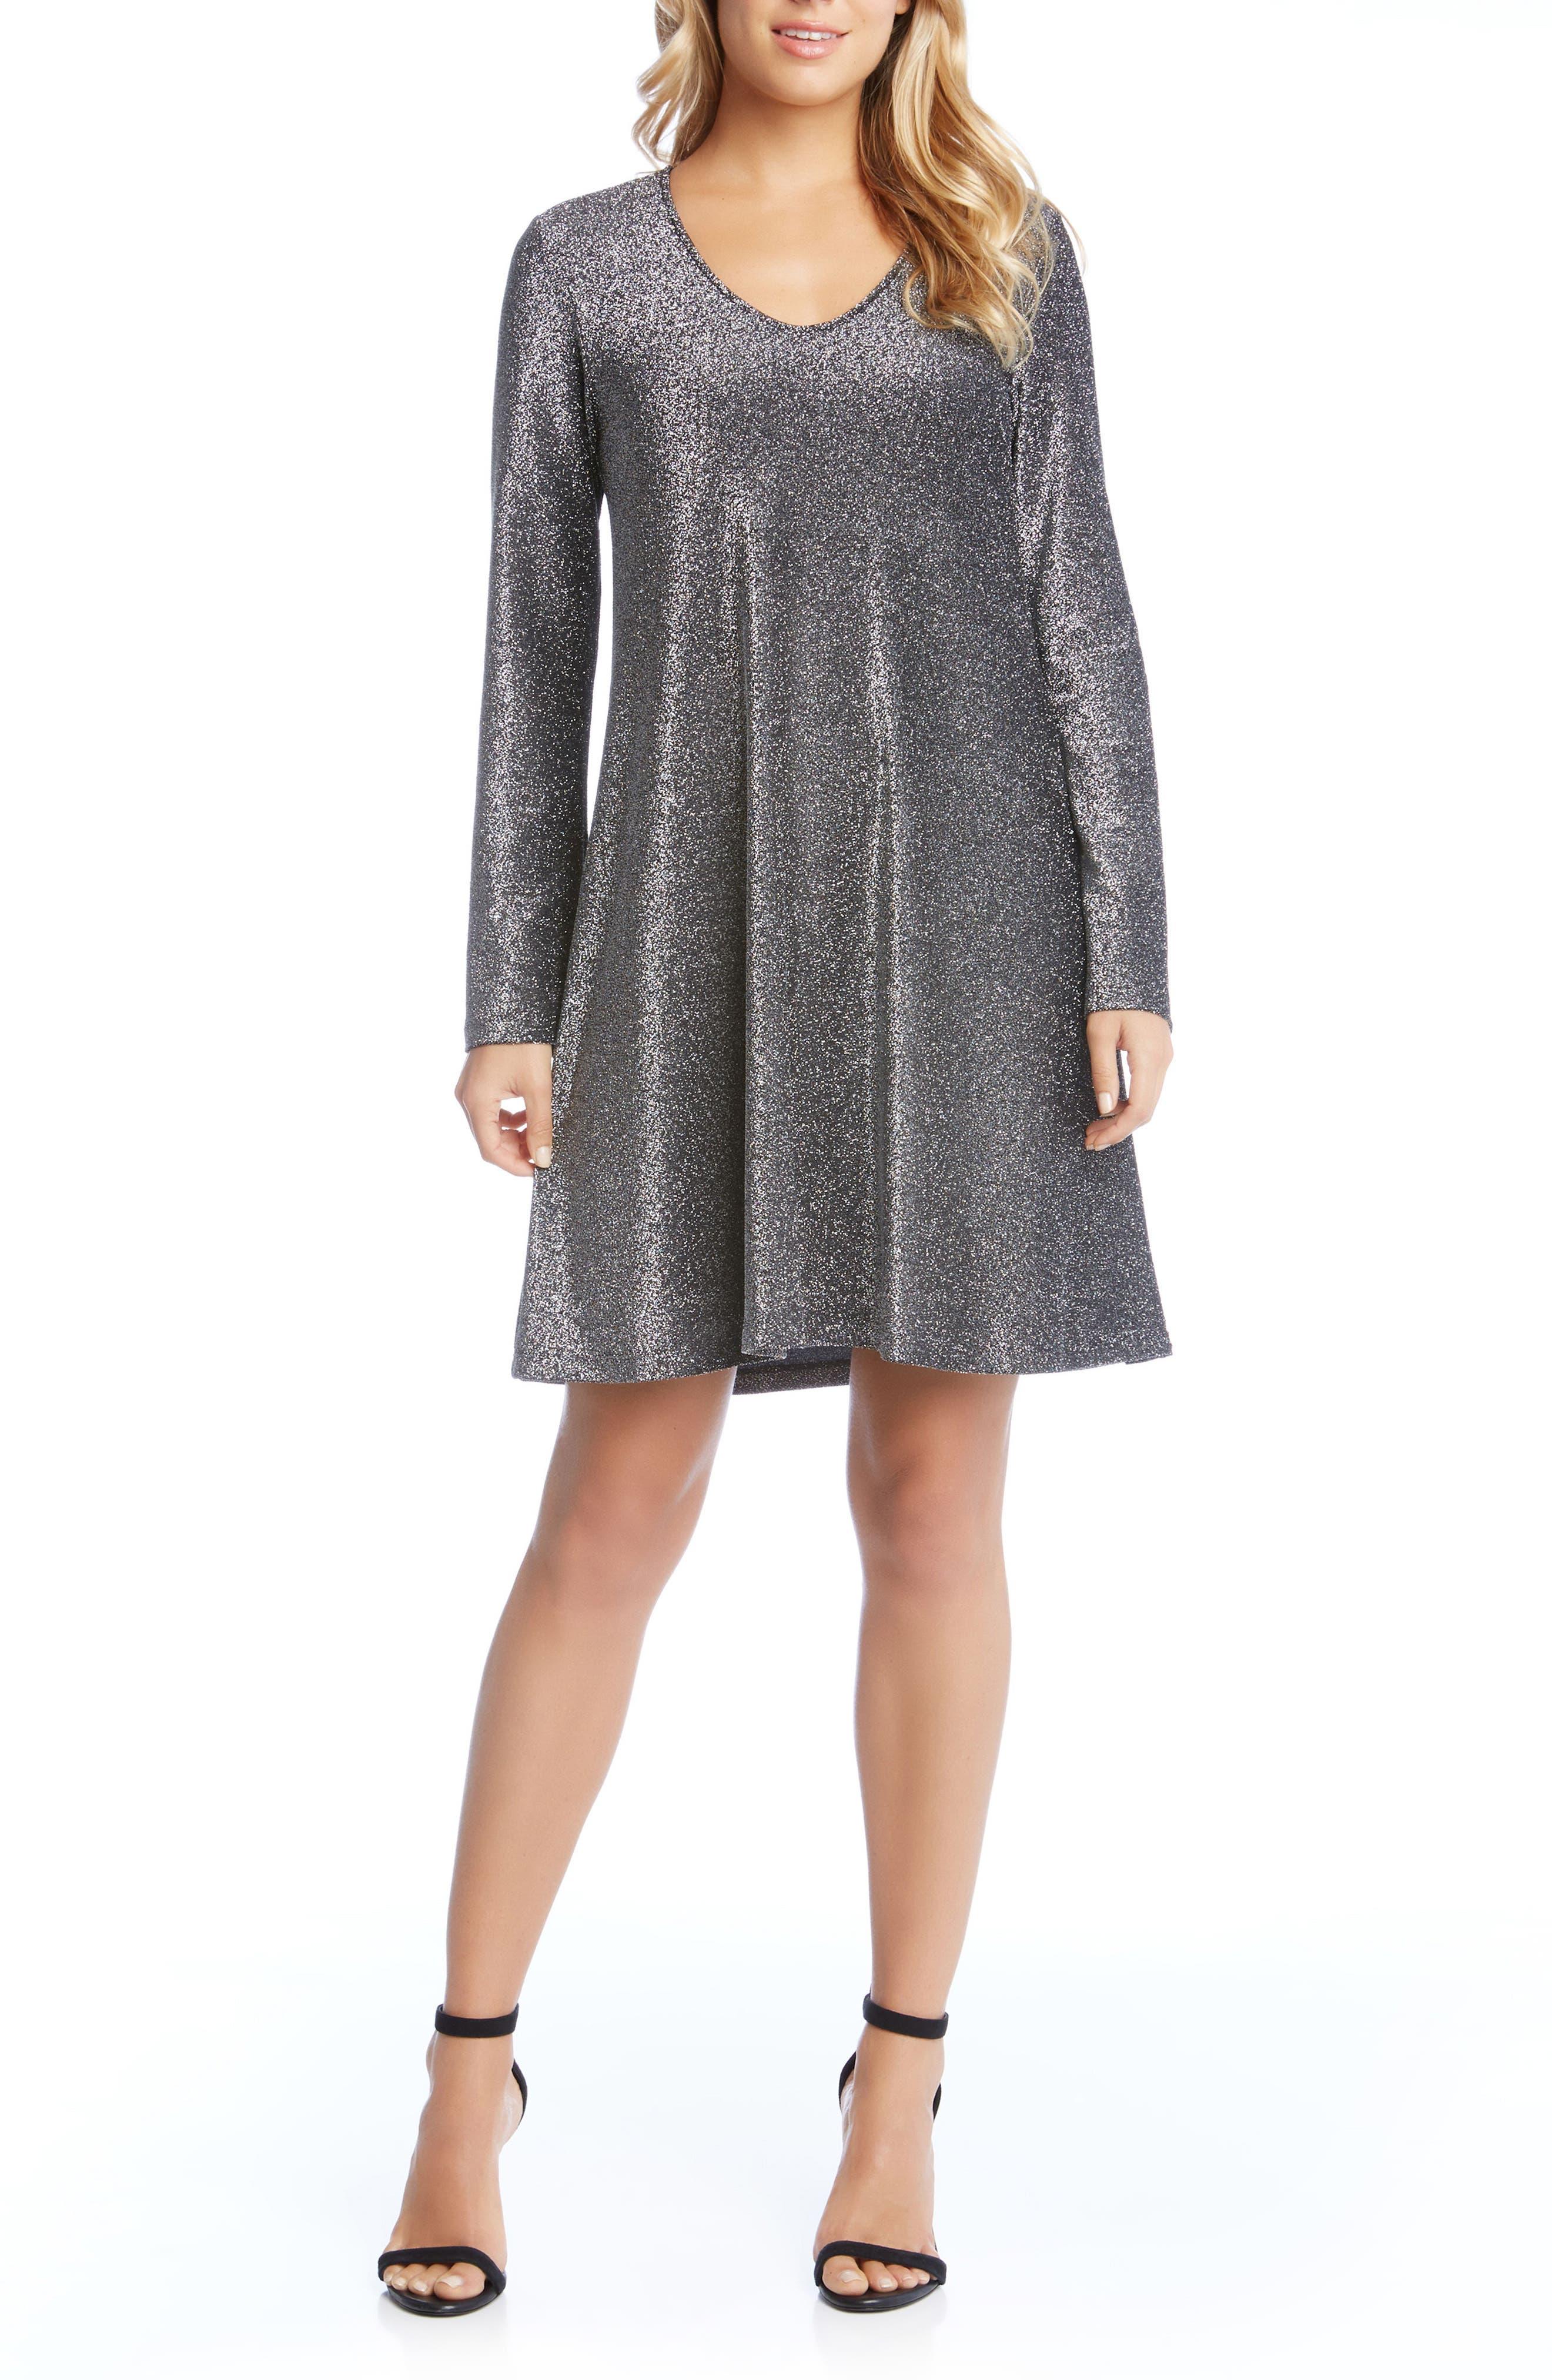 Taylor Sparkle A-Line Dress,                         Main,                         color, Black W/ Silver